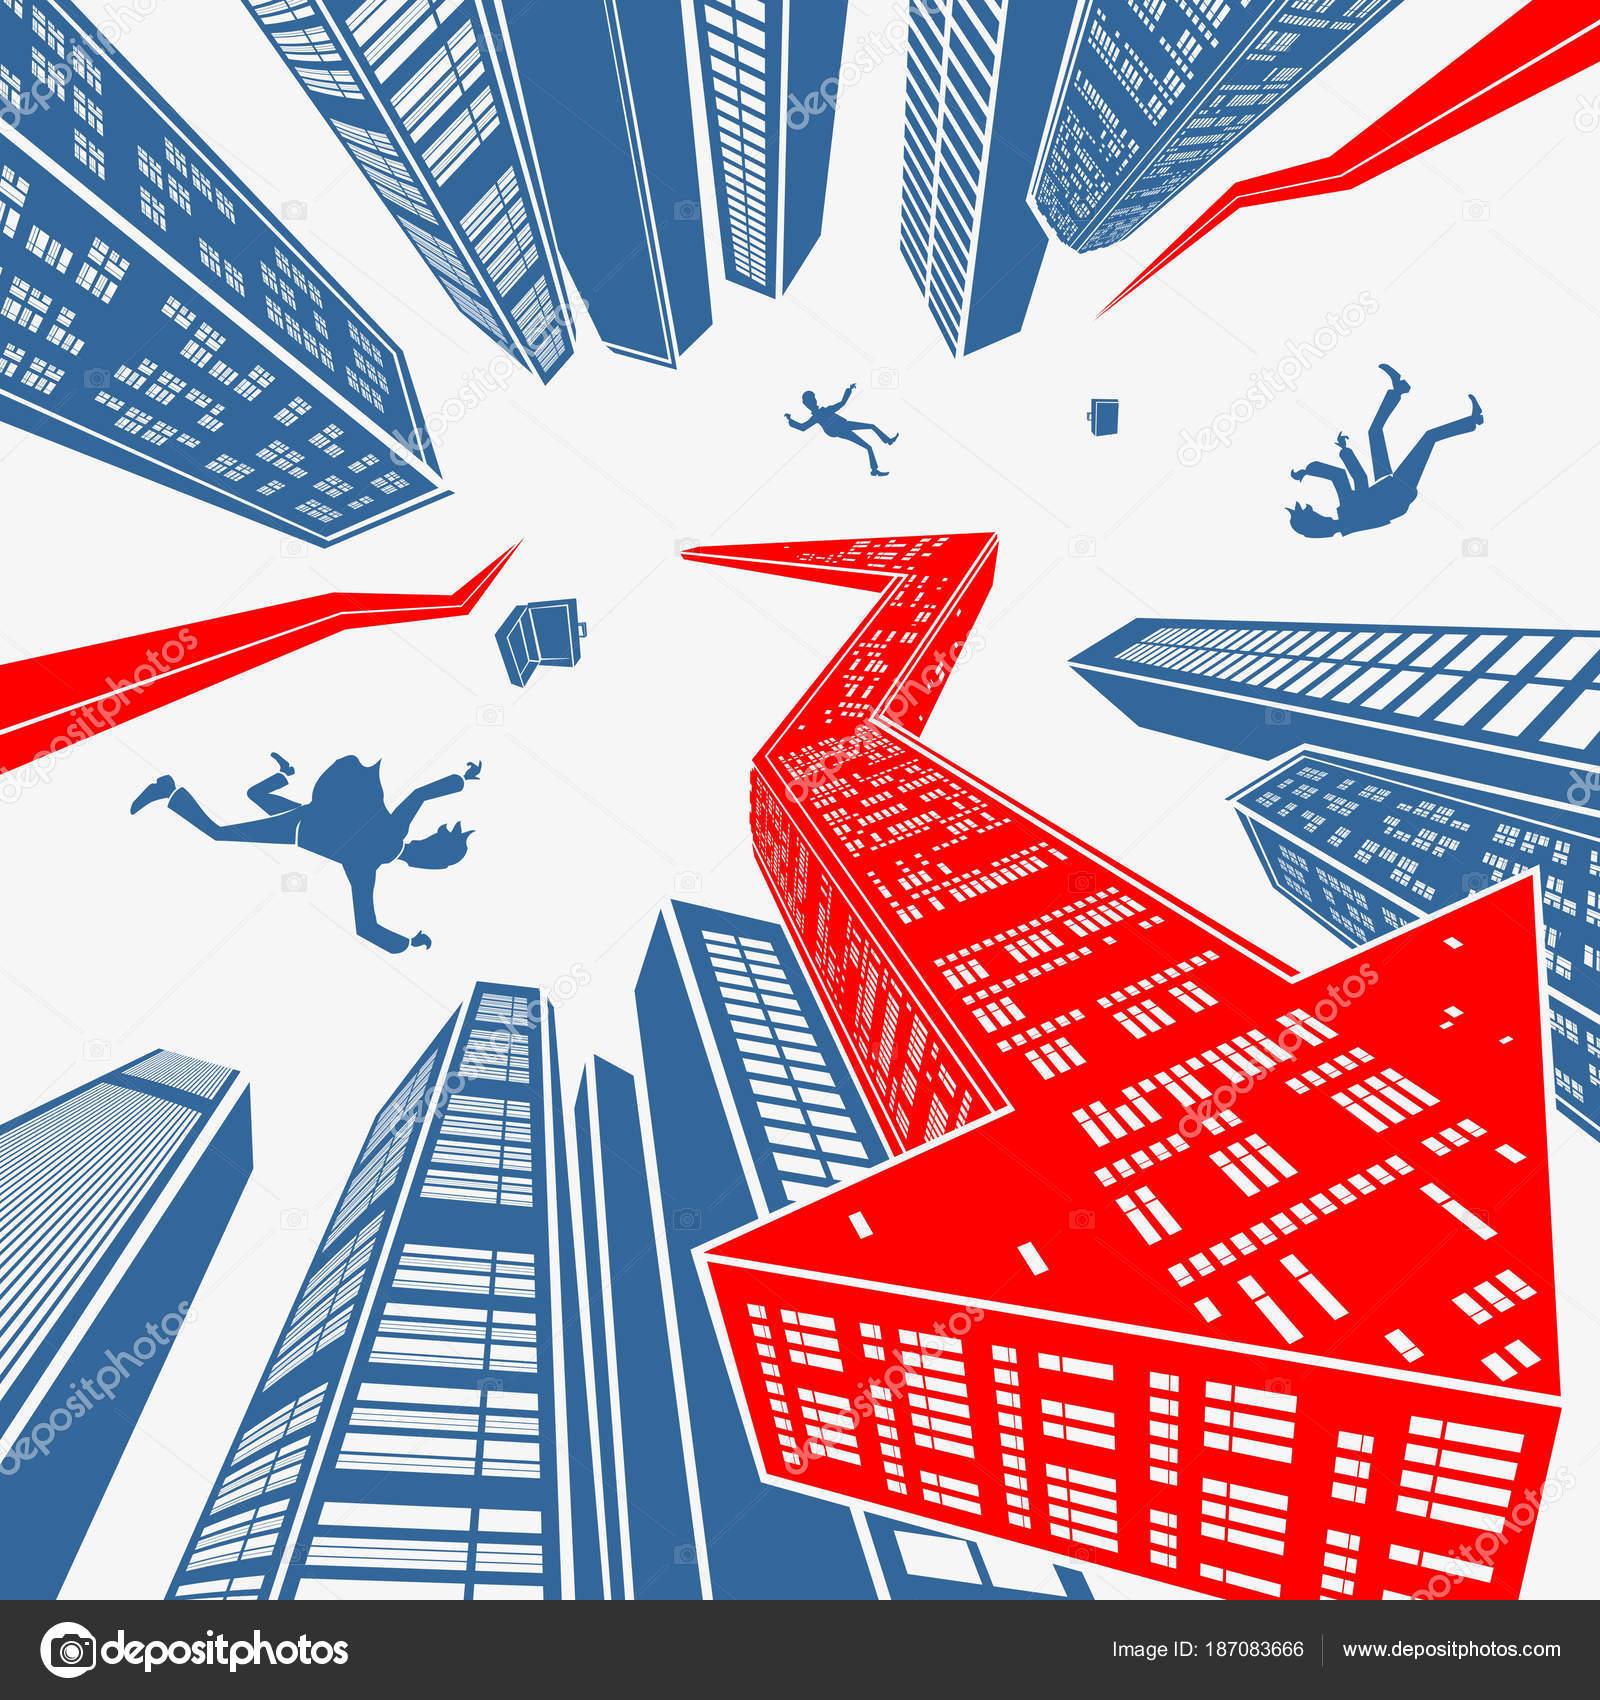 Resultado de imagen para crisis financiera